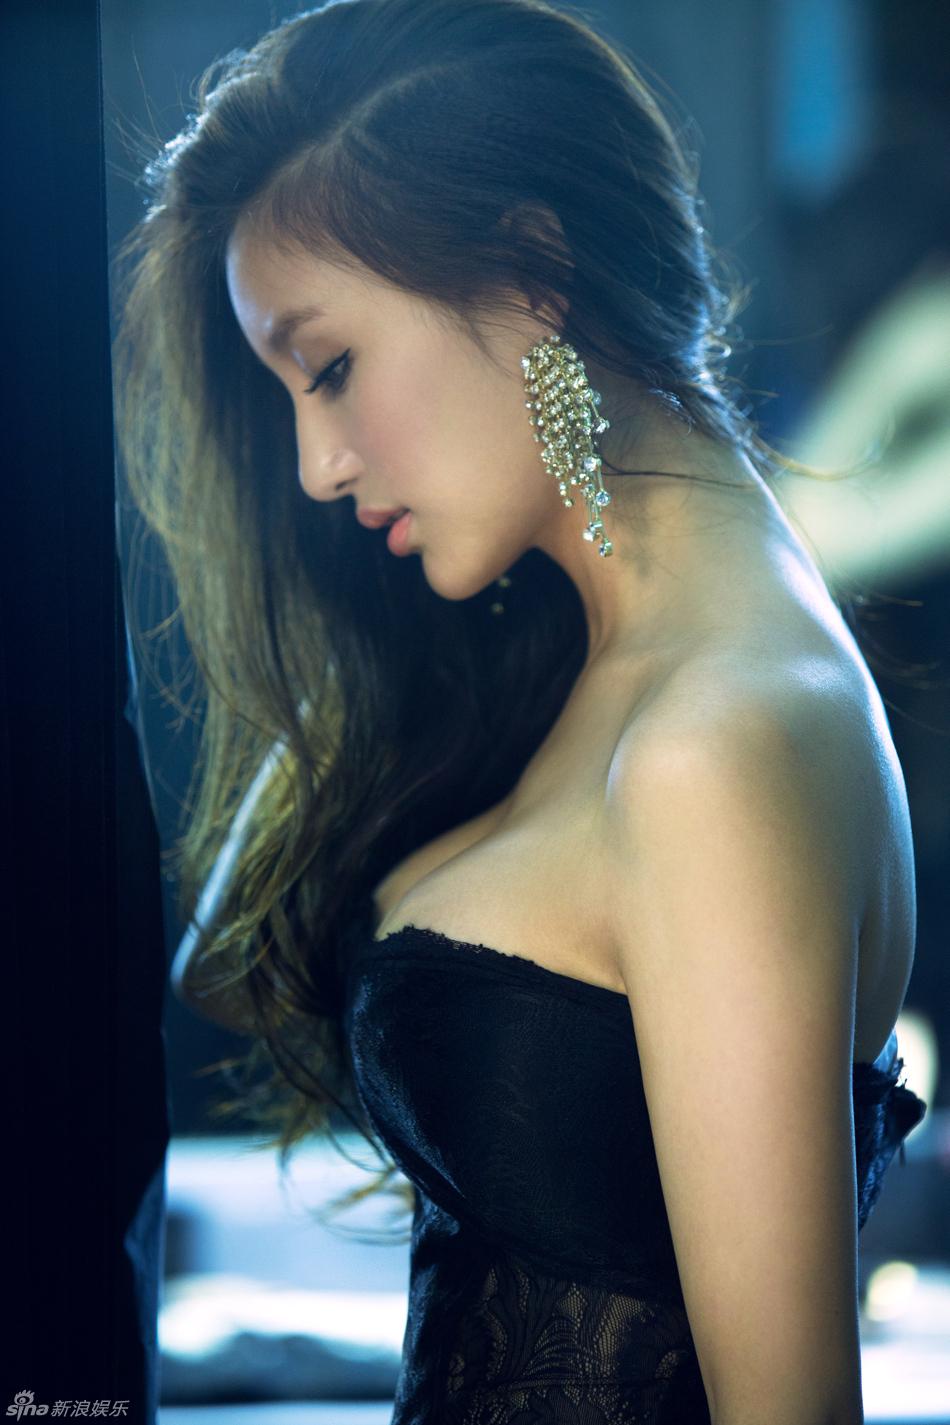 高清图 刘羽琦最新性感写真 半面示人魅惑秀酥胸